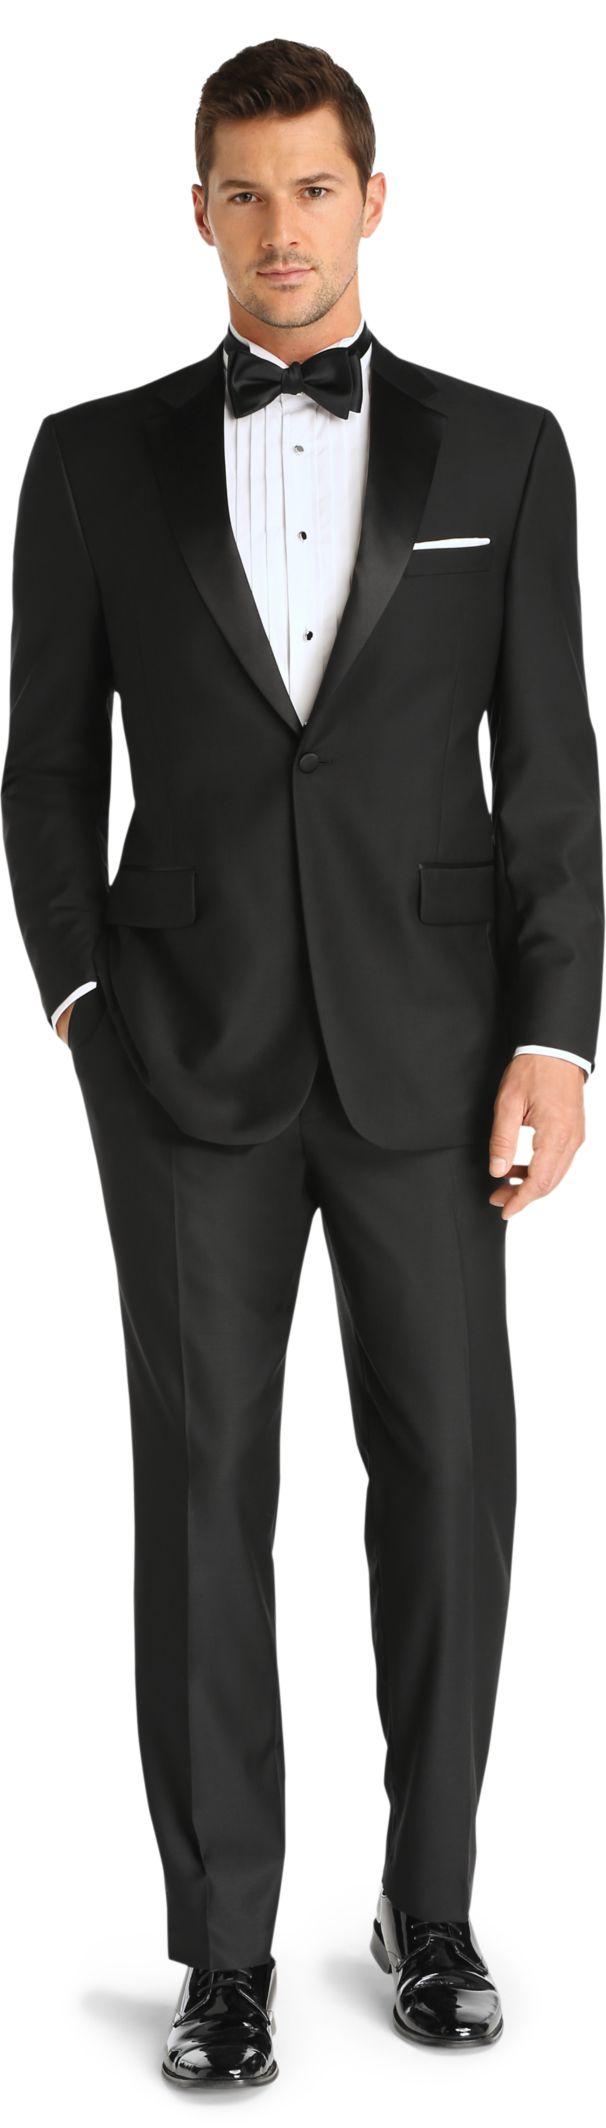 Mens Wearhouse Suit Rental Images Mens Wearhouse Suit